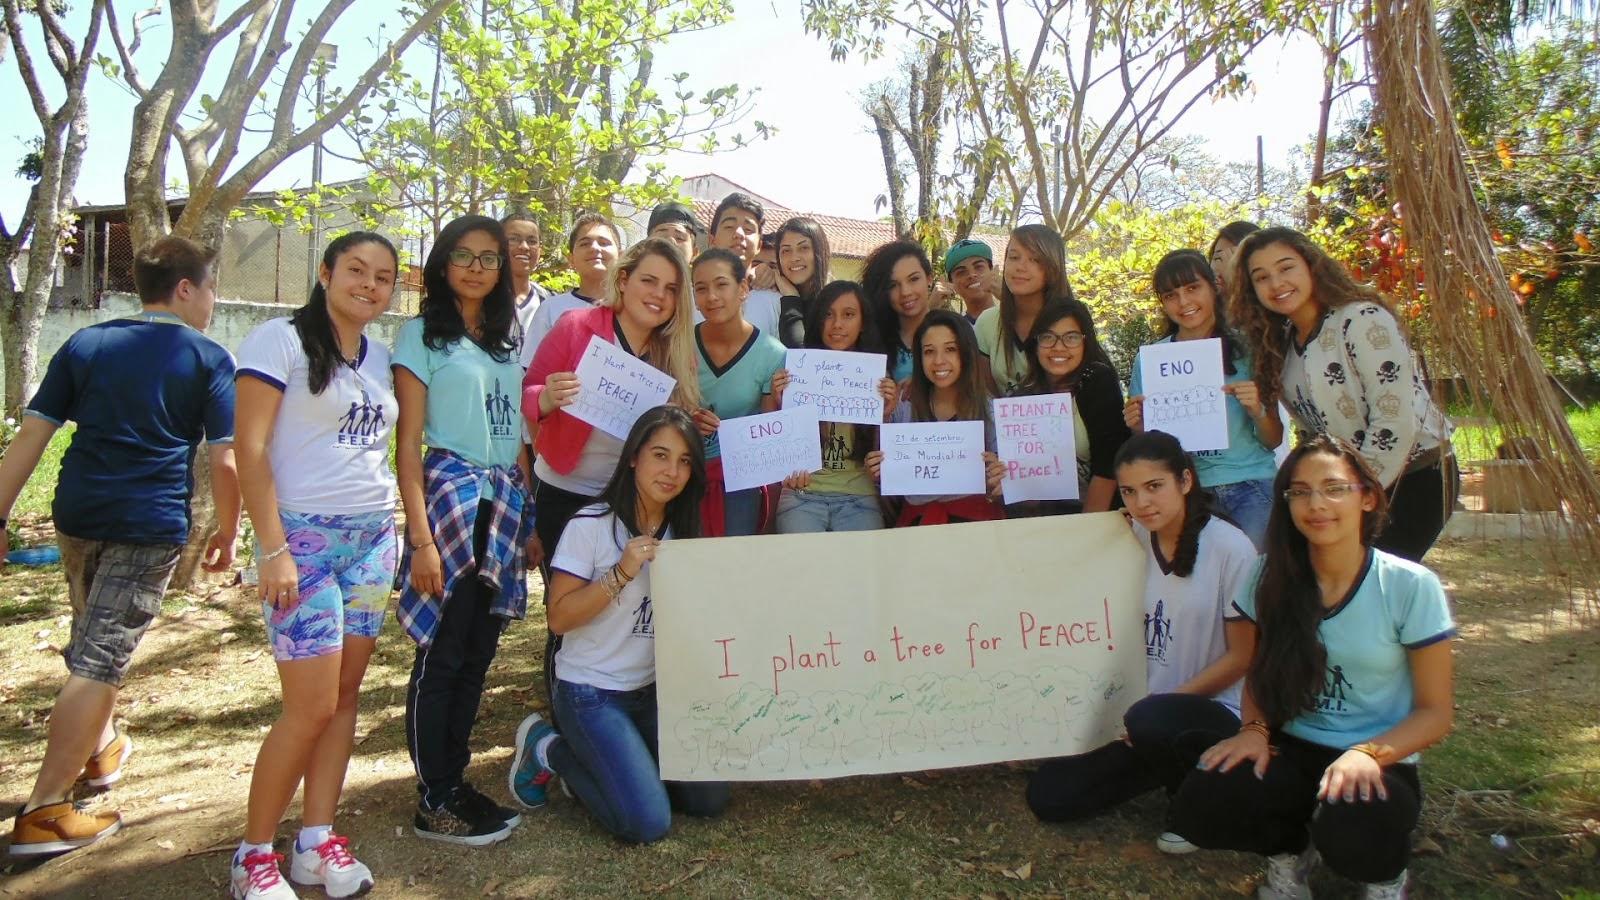 Educação para a paz e sustentabilidade